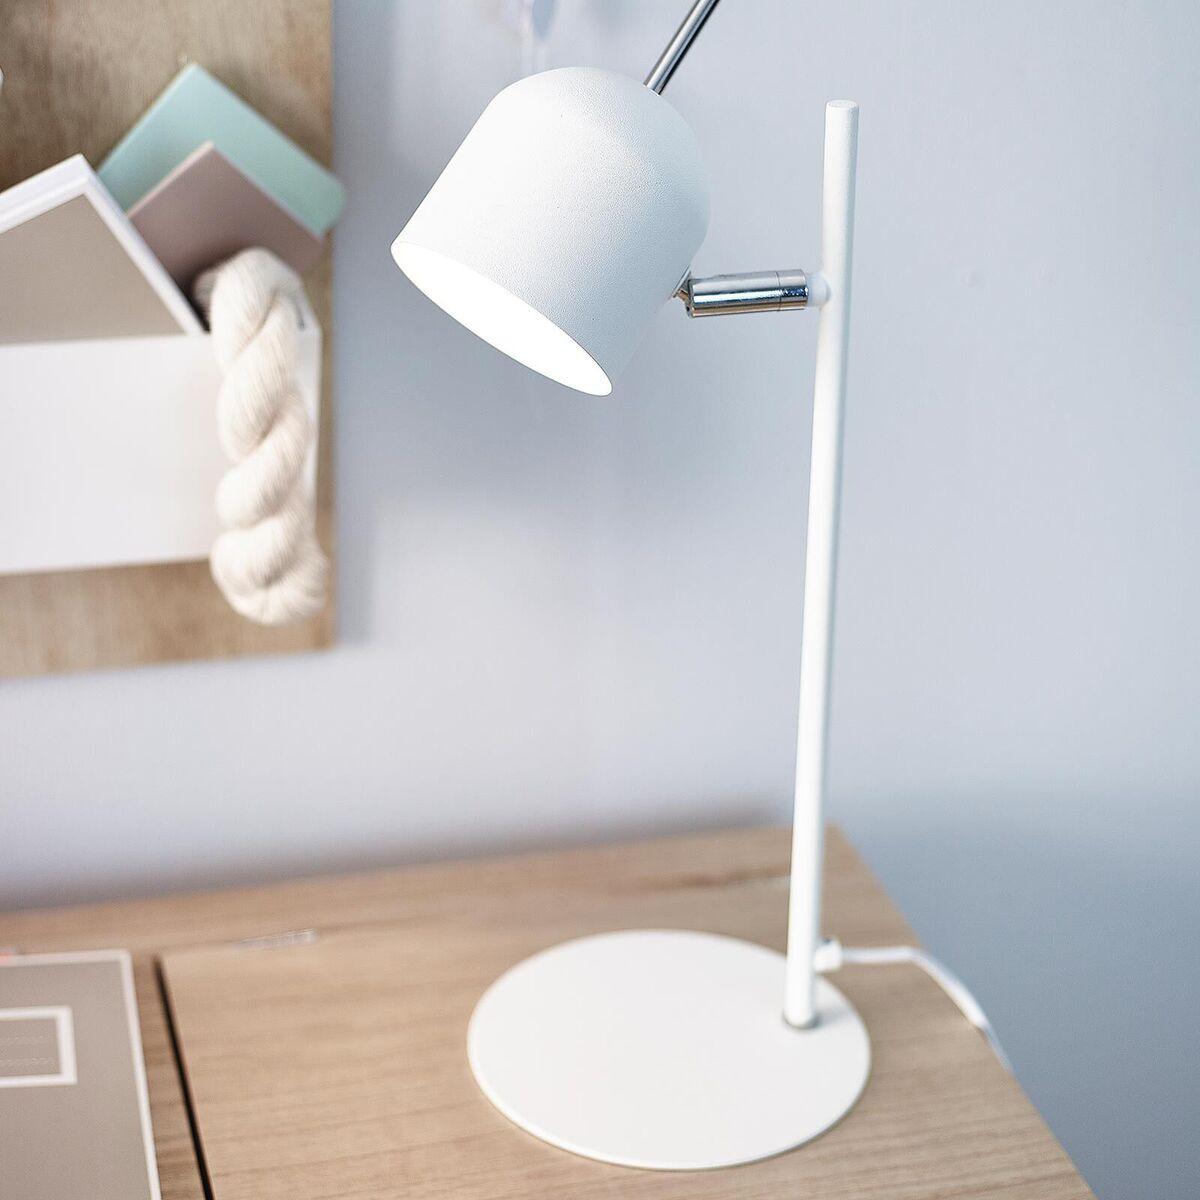 Bild 2 von Tischleuchte LED, D:17cm x H:44cm, weiß